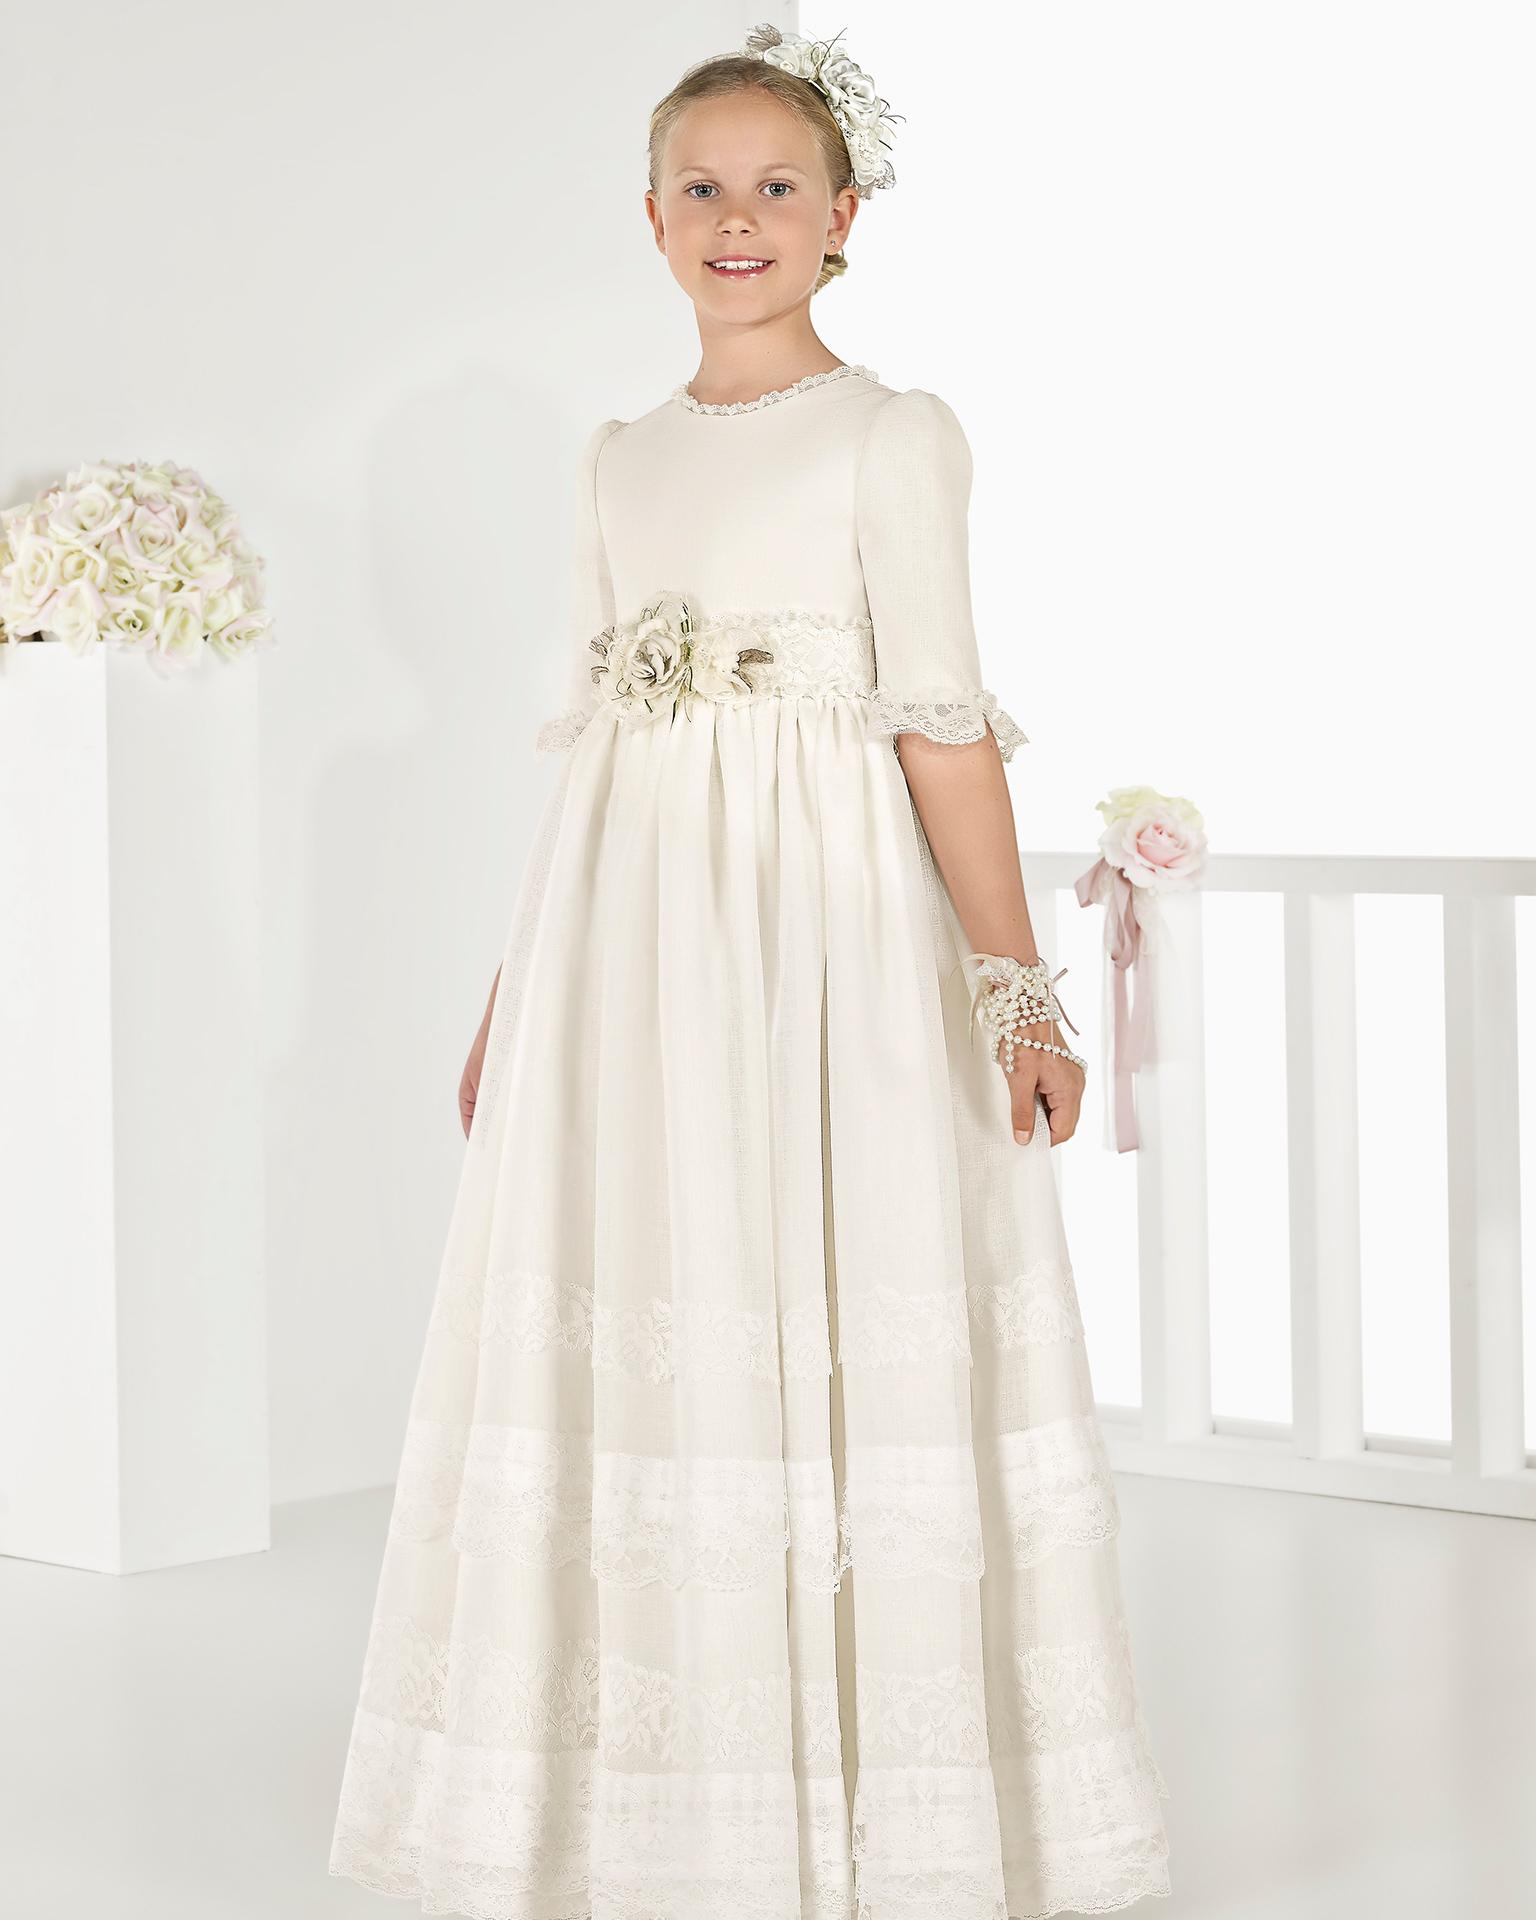 Rochie stil prințesă pentru comuniune sau pentru domnișoară de onoare din nattè rustic, cu talie imperială, de culoare ecru. Colecția AIRE COMUNION 2018.